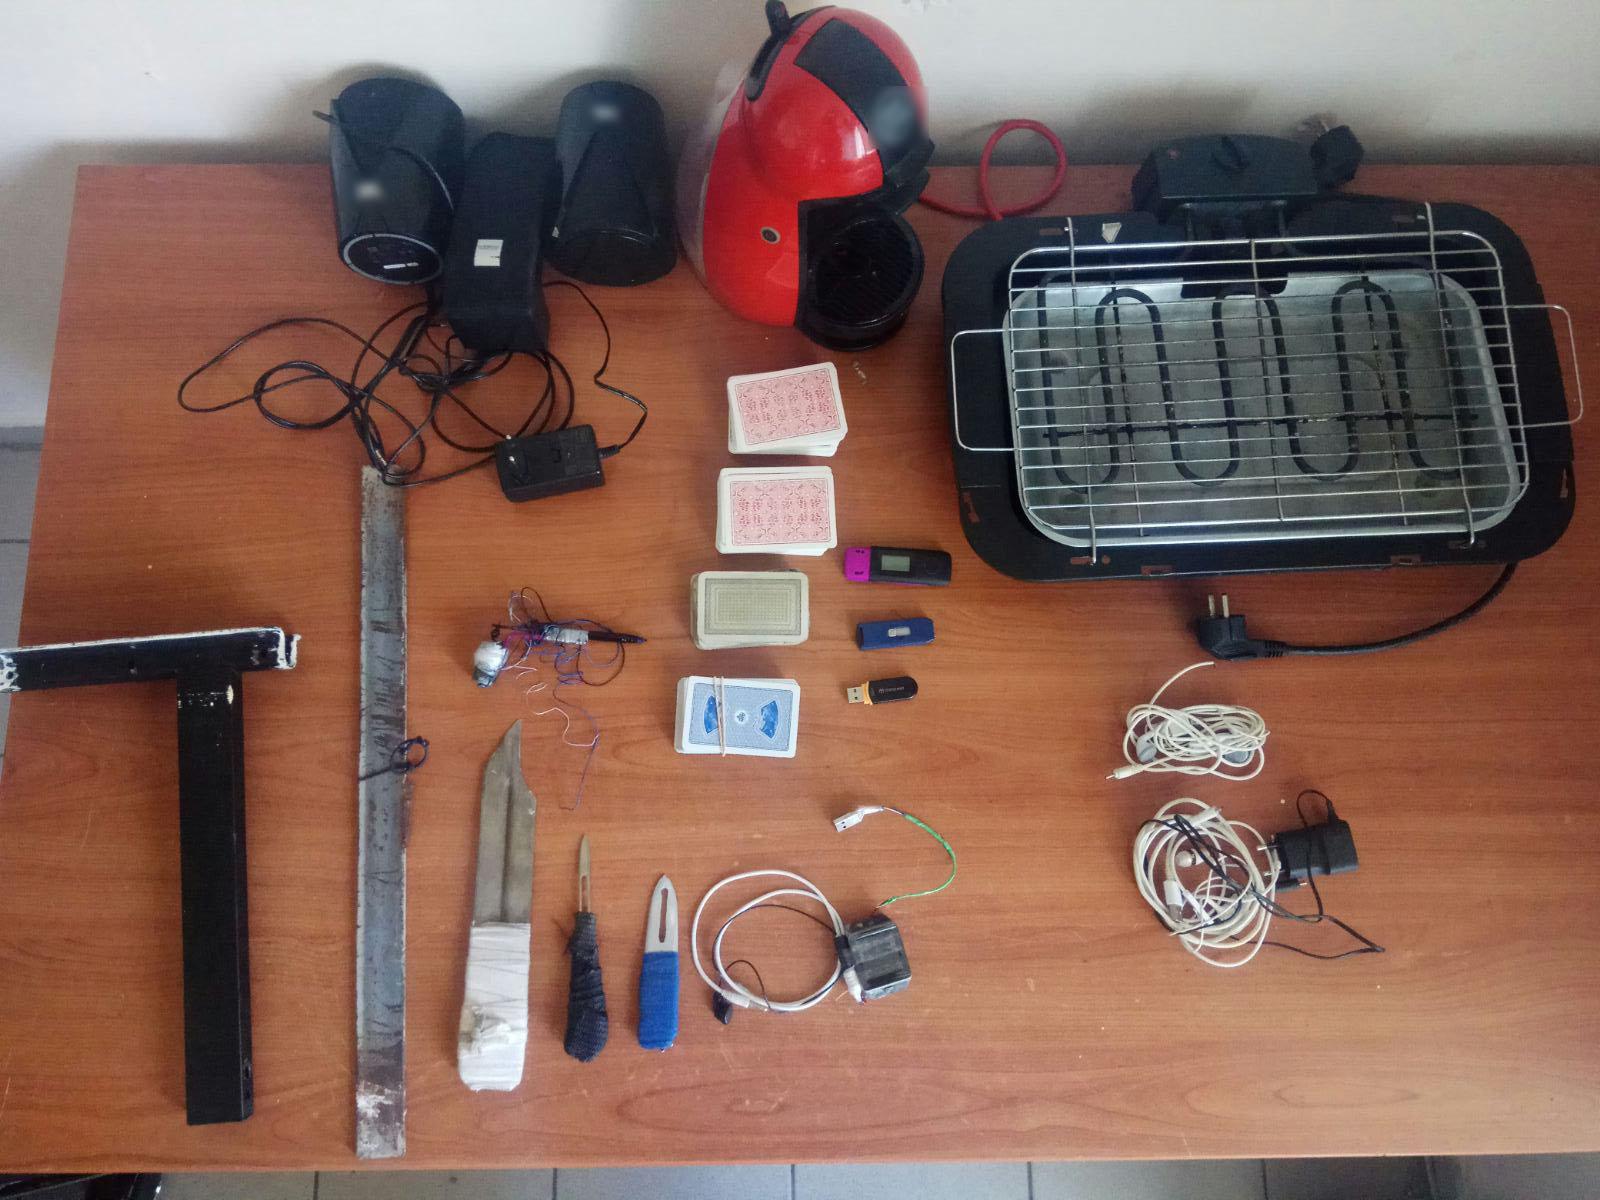 Μαχαίρια, σουβλιά, ναρκωτικά και κινητά έκρυβαν ισοβίτες και βαρυποινίτες (pics)